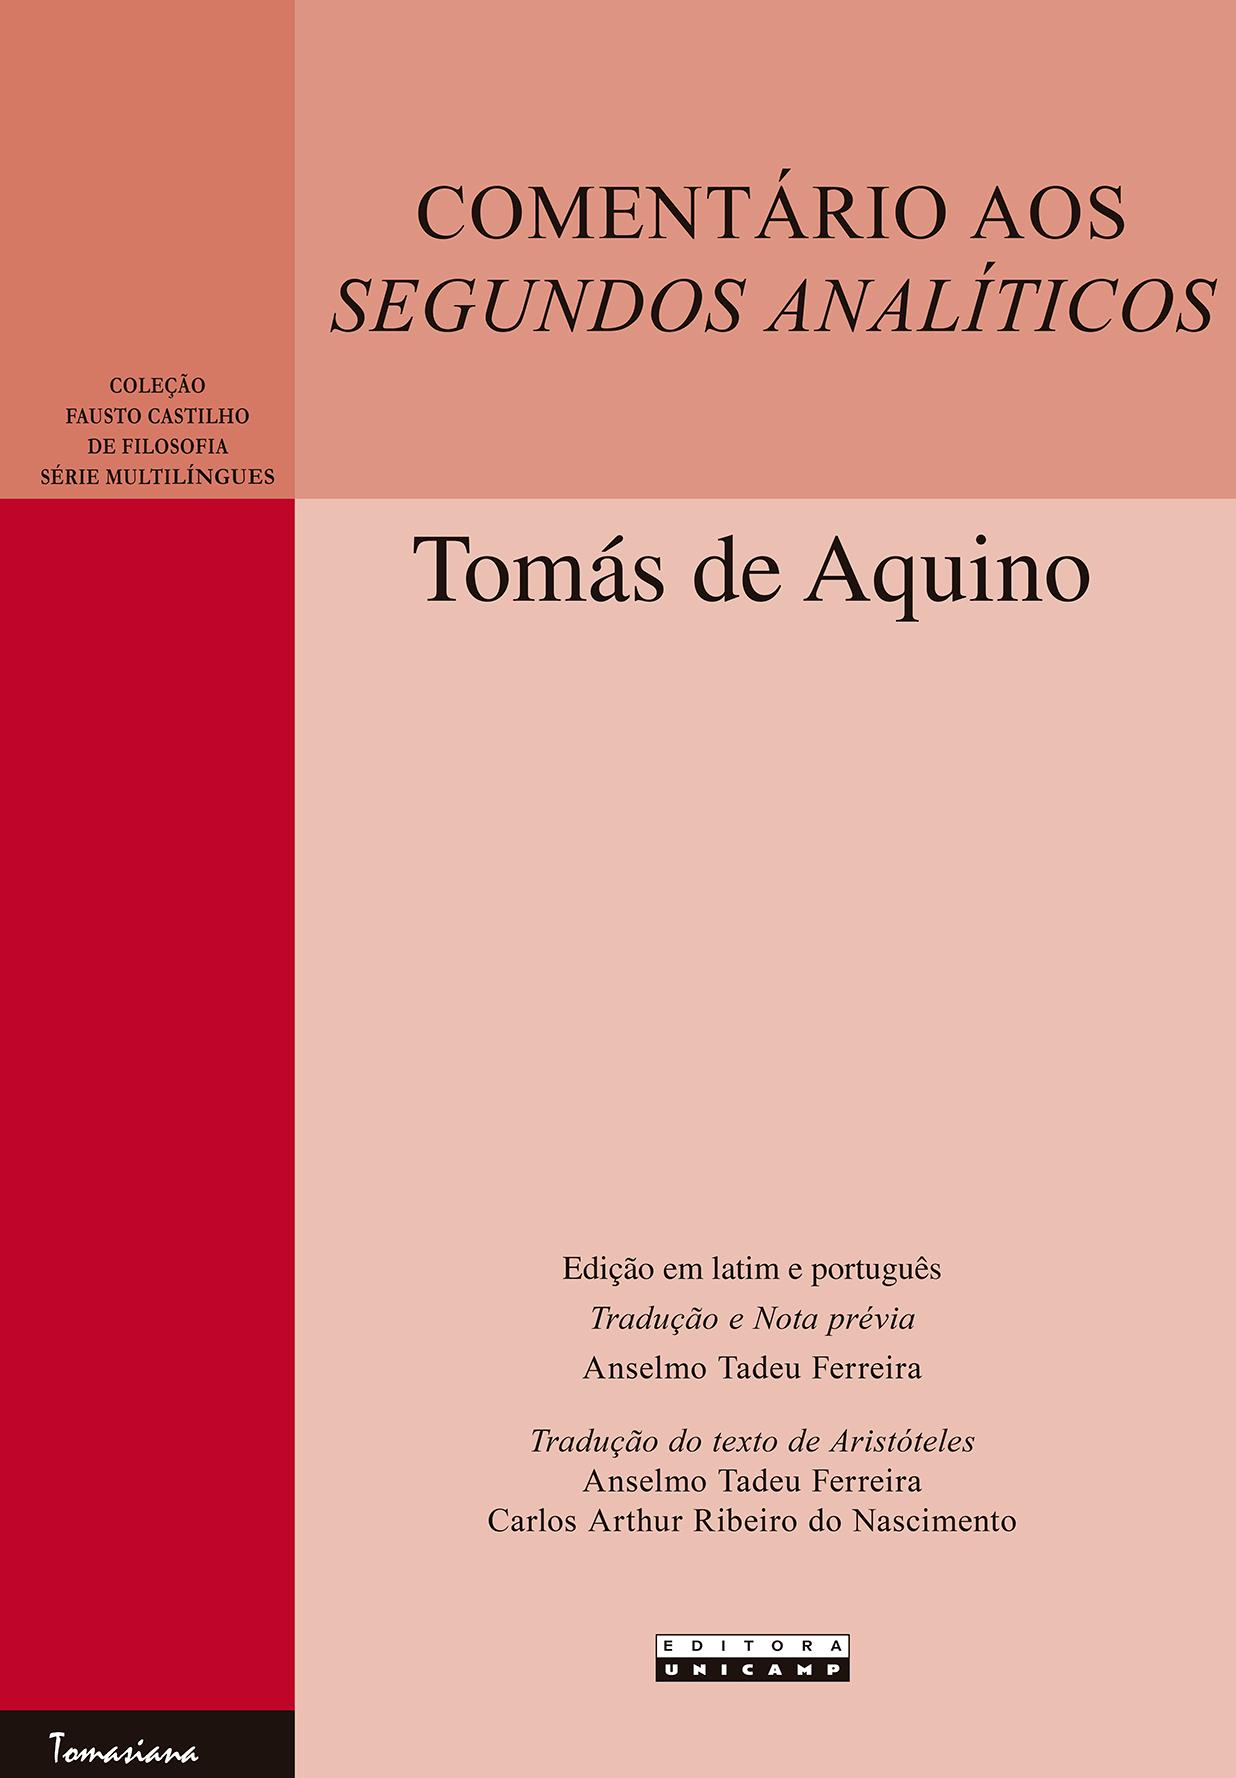 Comentário aos Segundos Analíticos, livro de Tomás de Aquino